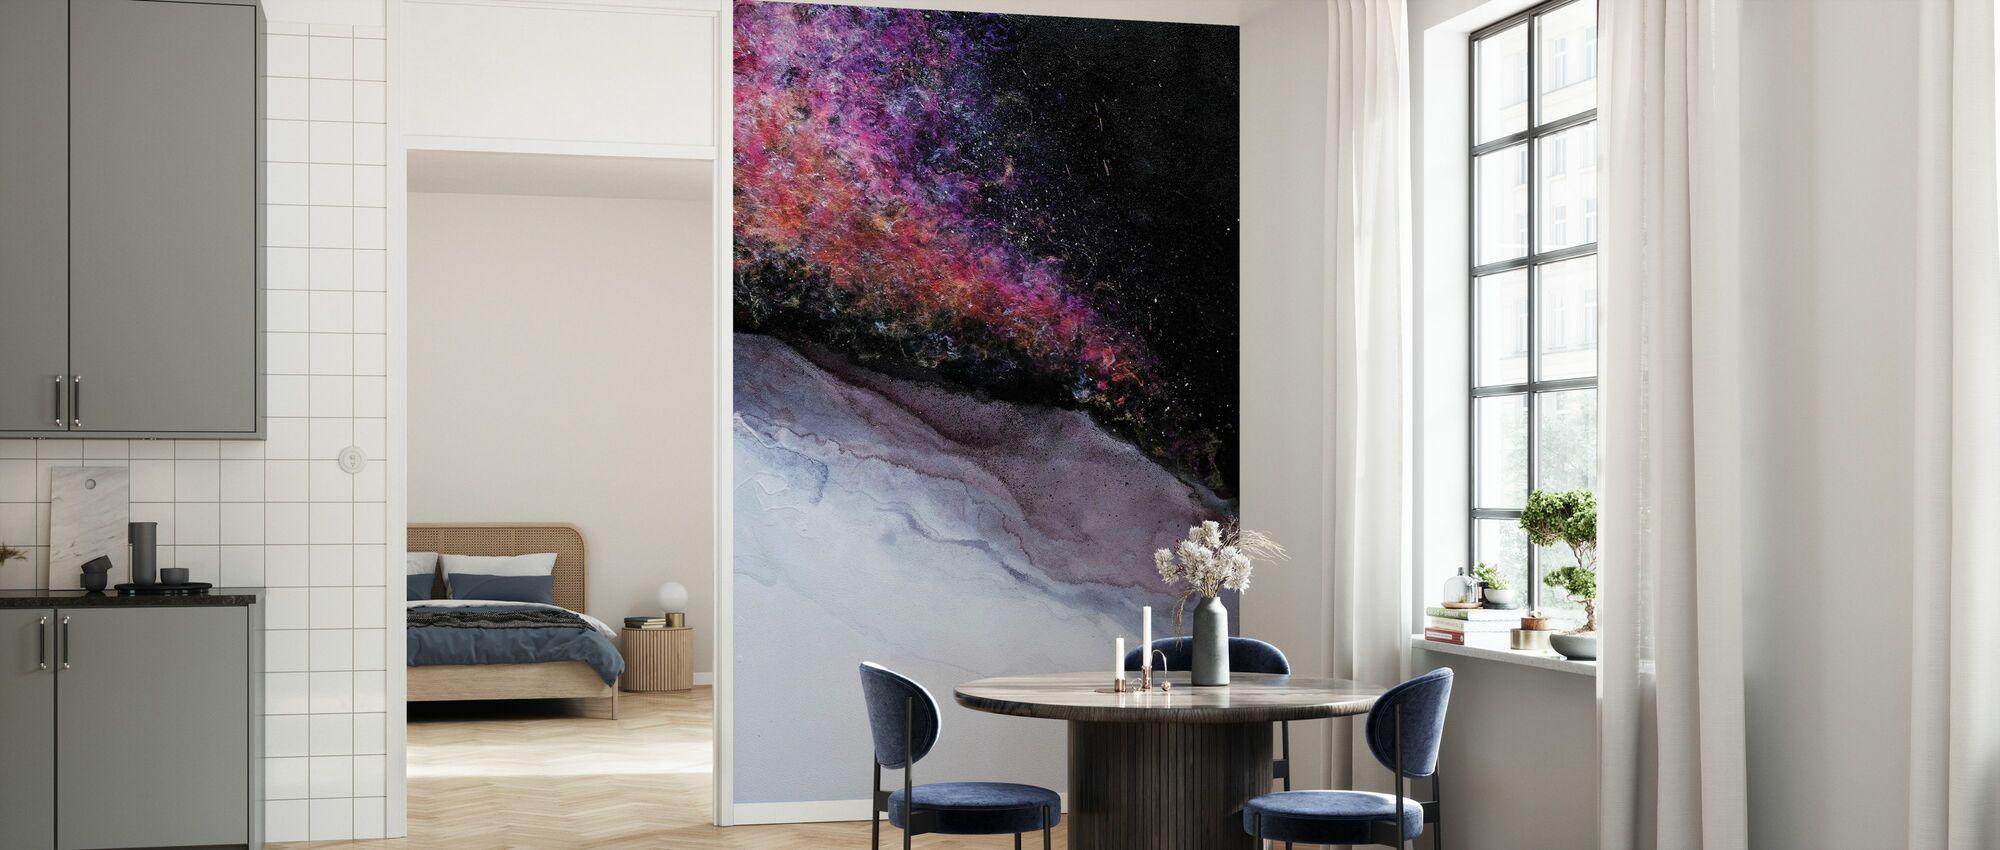 New - Wallpaper - Kitchen